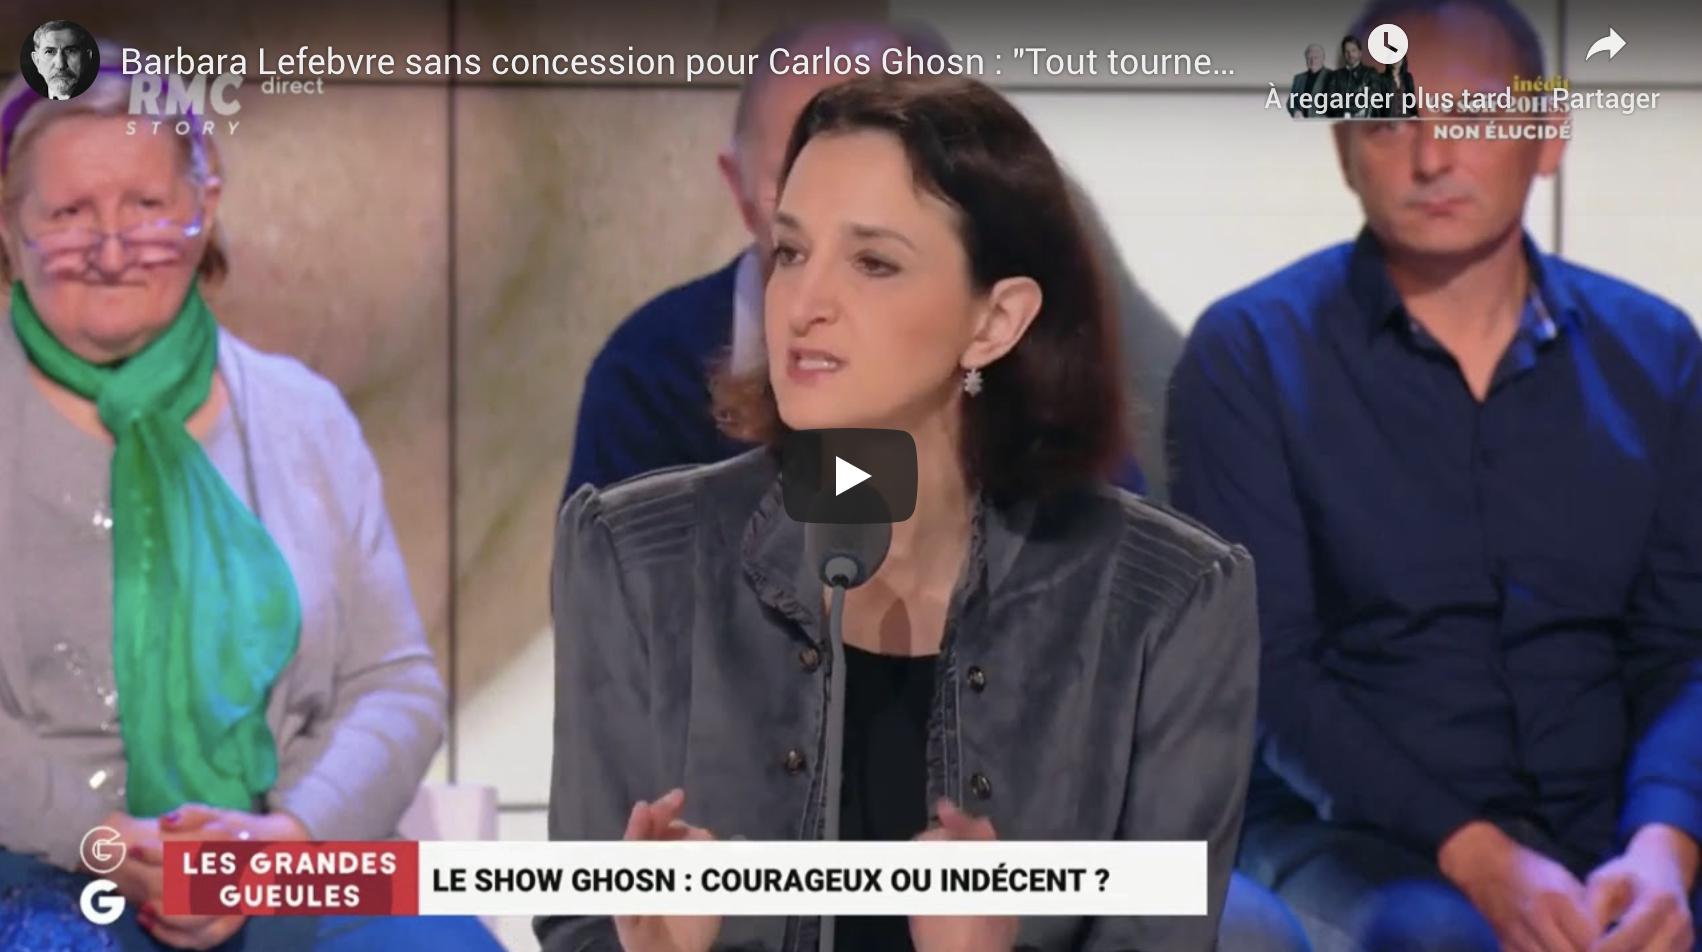 """Barbara Lefebvre sans concession pour Carlos Ghosn : """"Tout tourne autour de lui, et les autres ?"""" (VIDÉO)"""